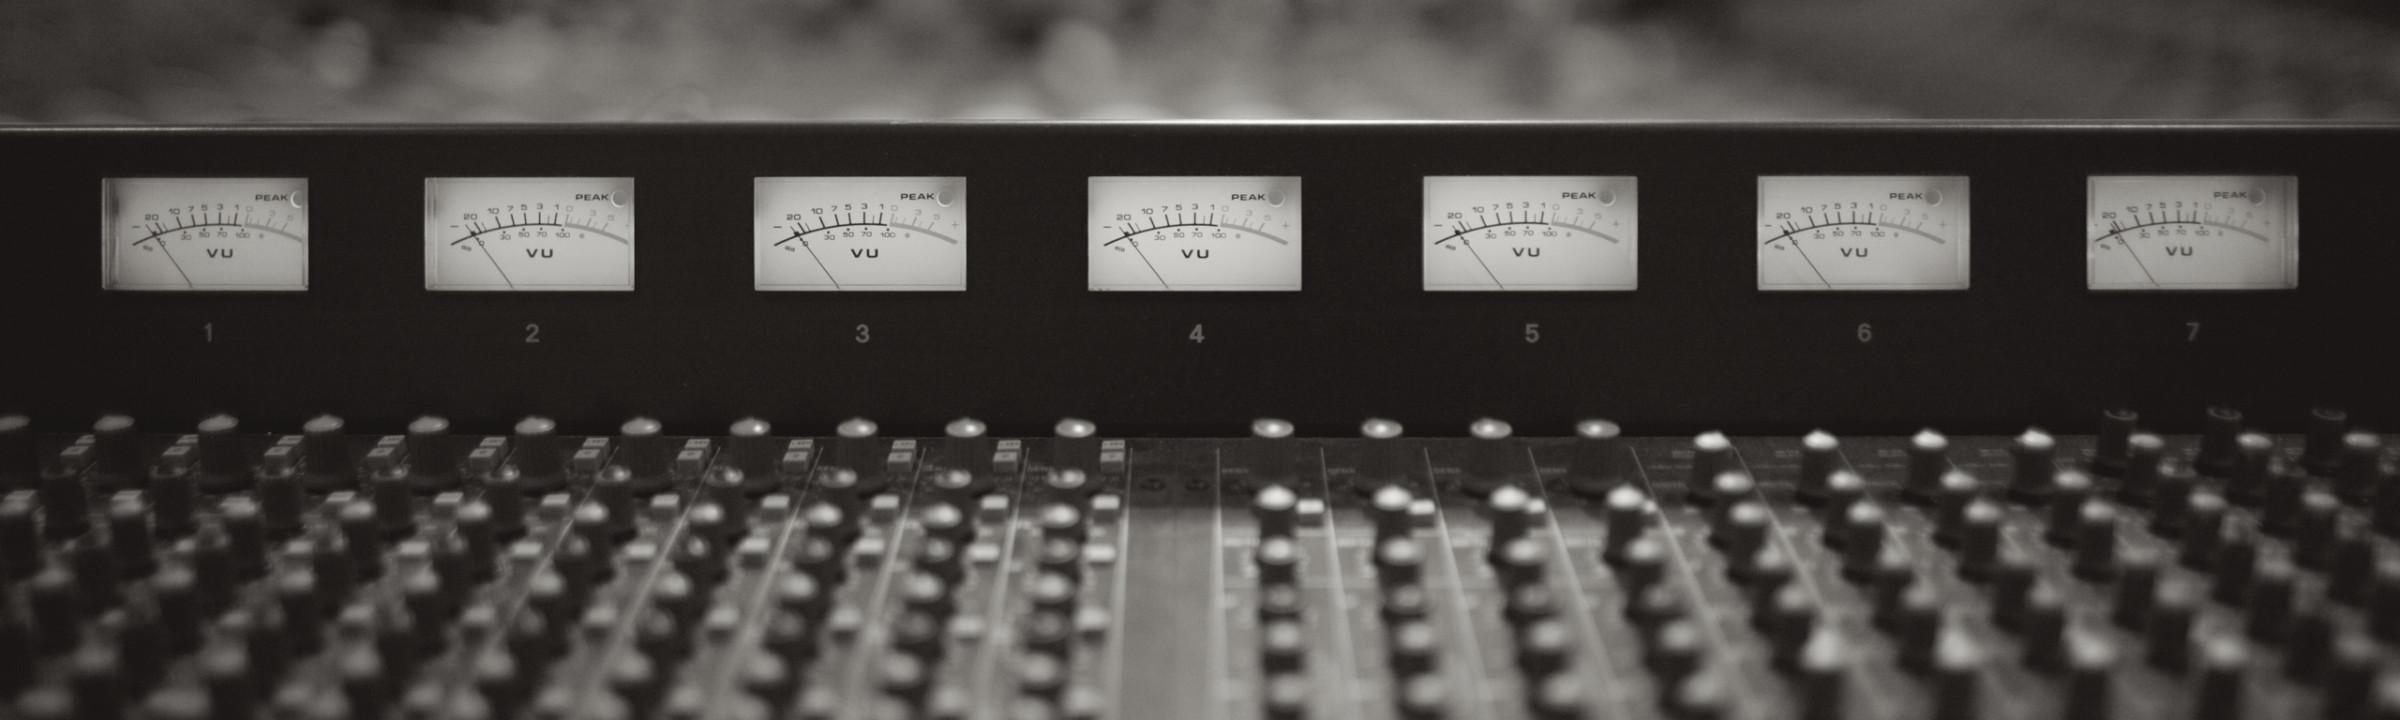 RPC Audio